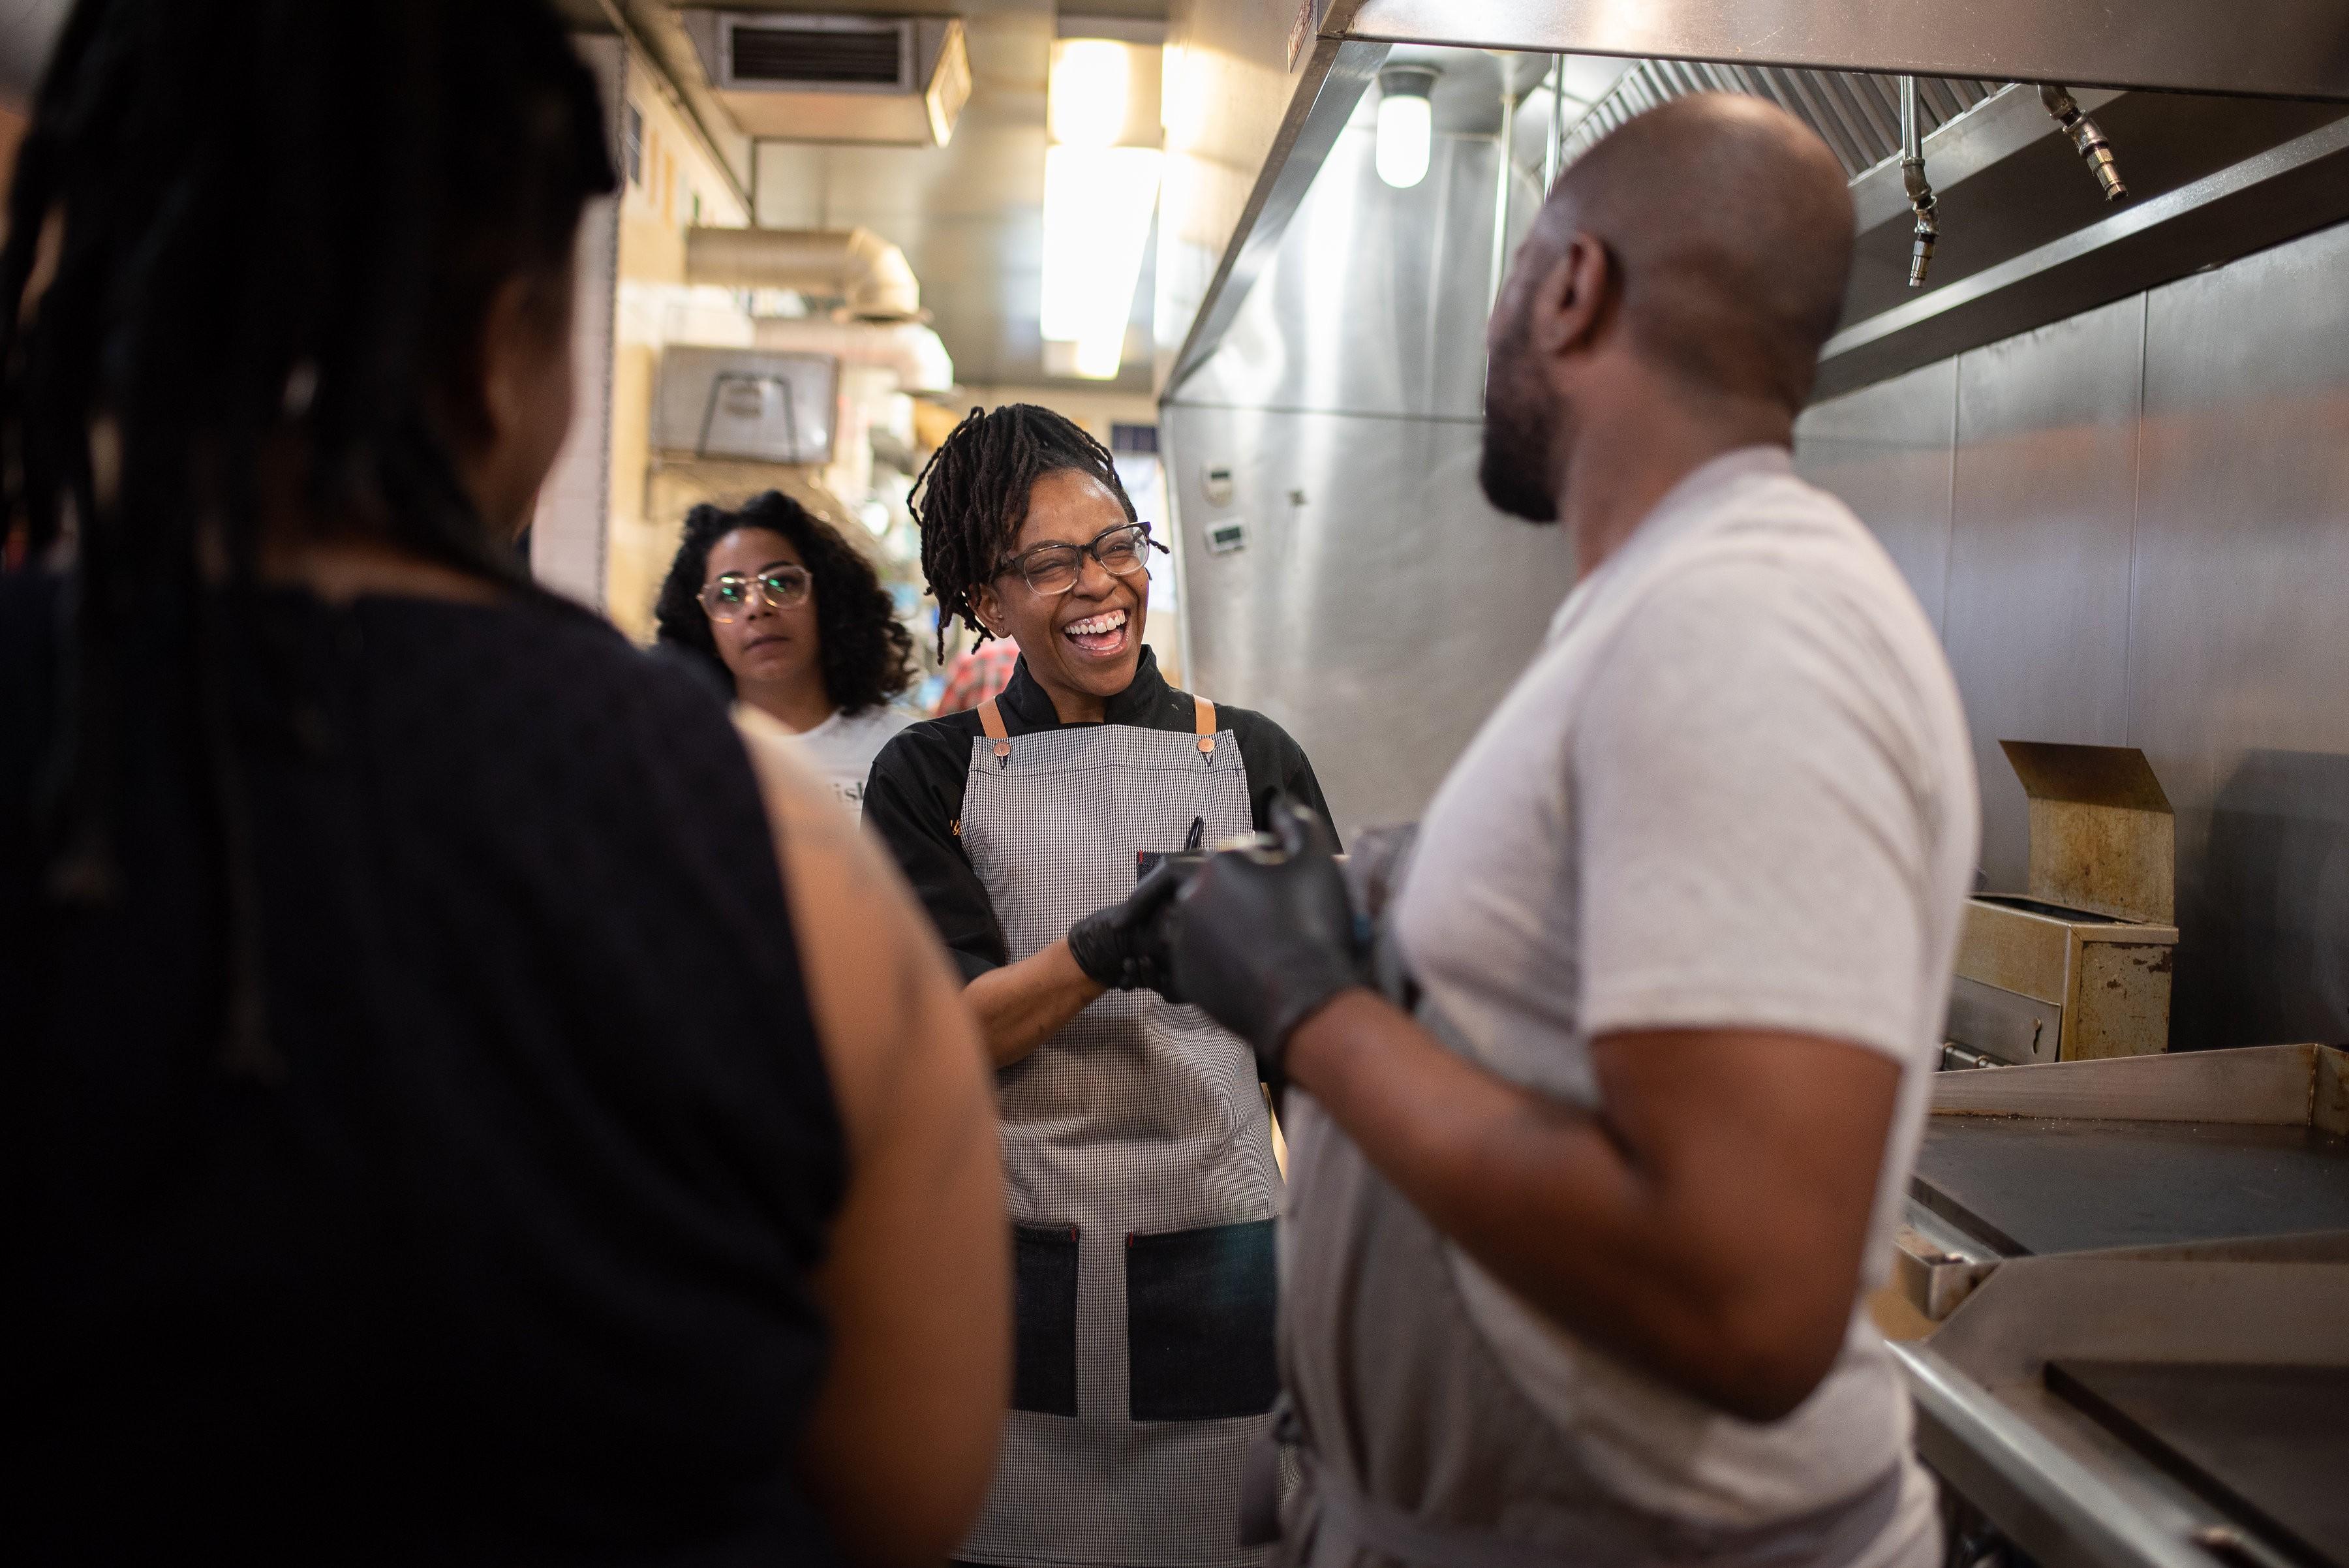 Detroit's Utopian Restaurant Pop-Up Aims to Build a Permanent Home